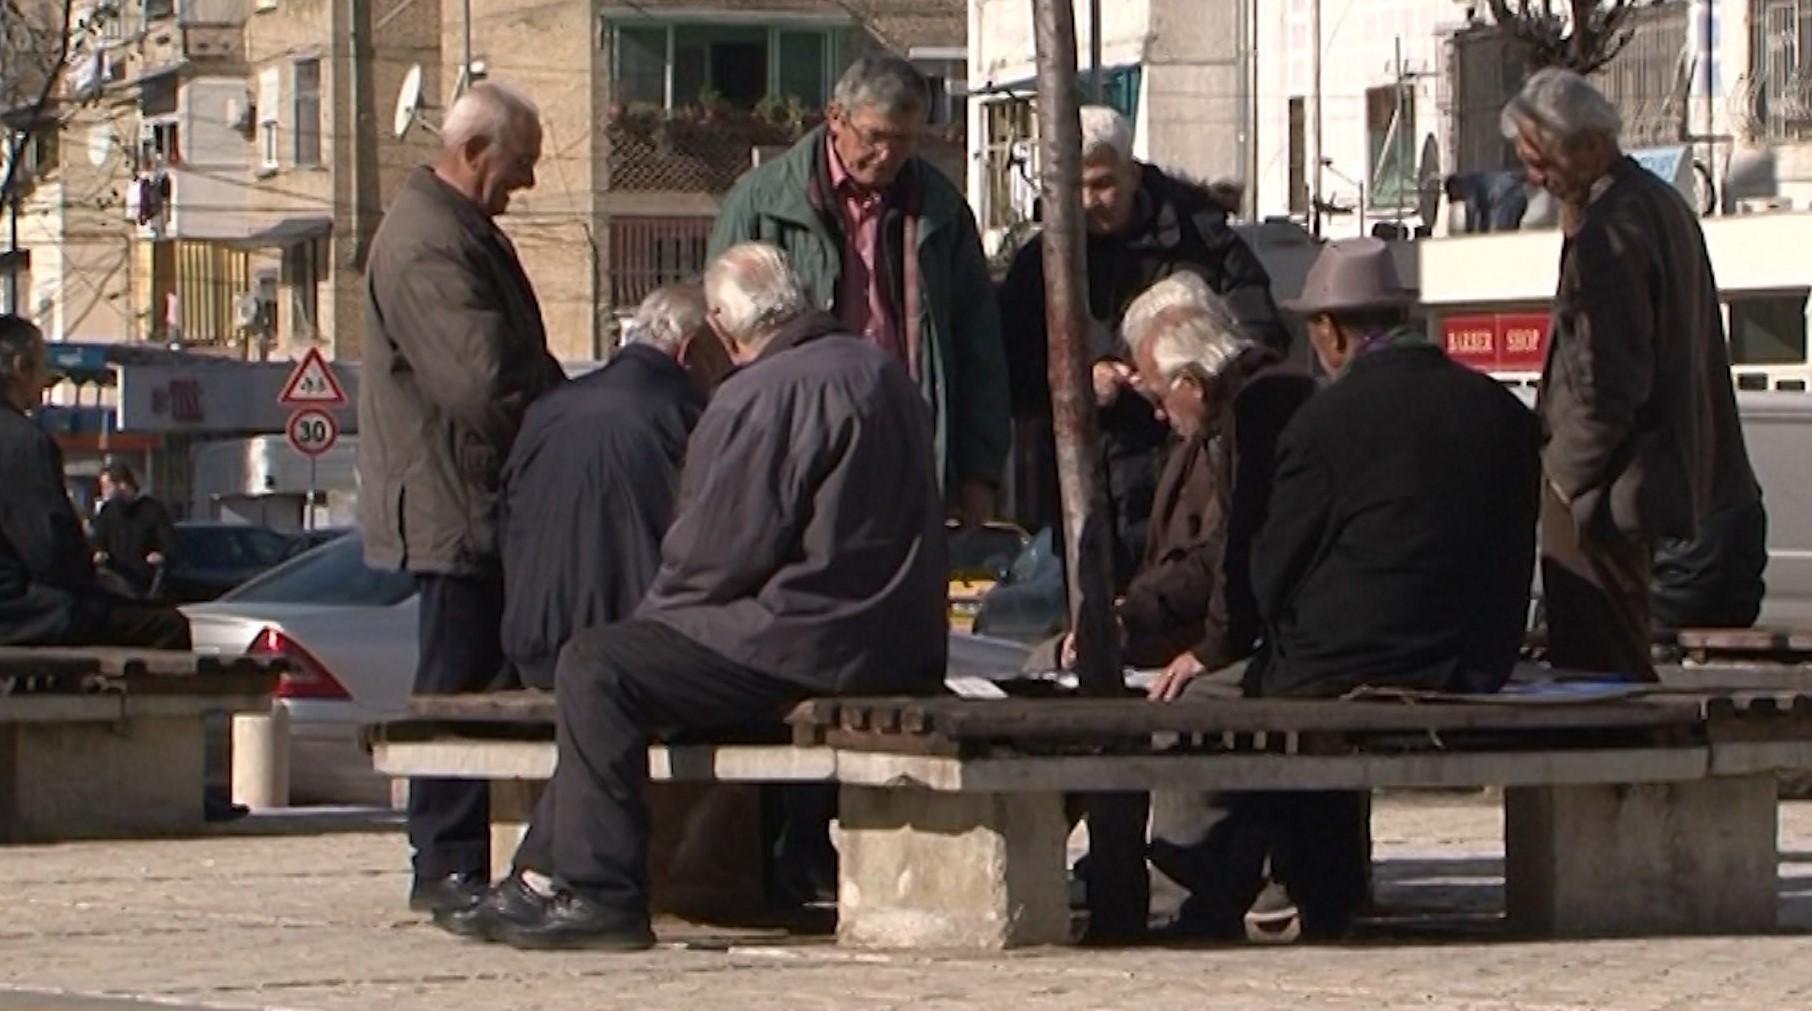 Shpërblimi 5 mijë lekë për fundvit, pensionistët një pjesë të kënaqur